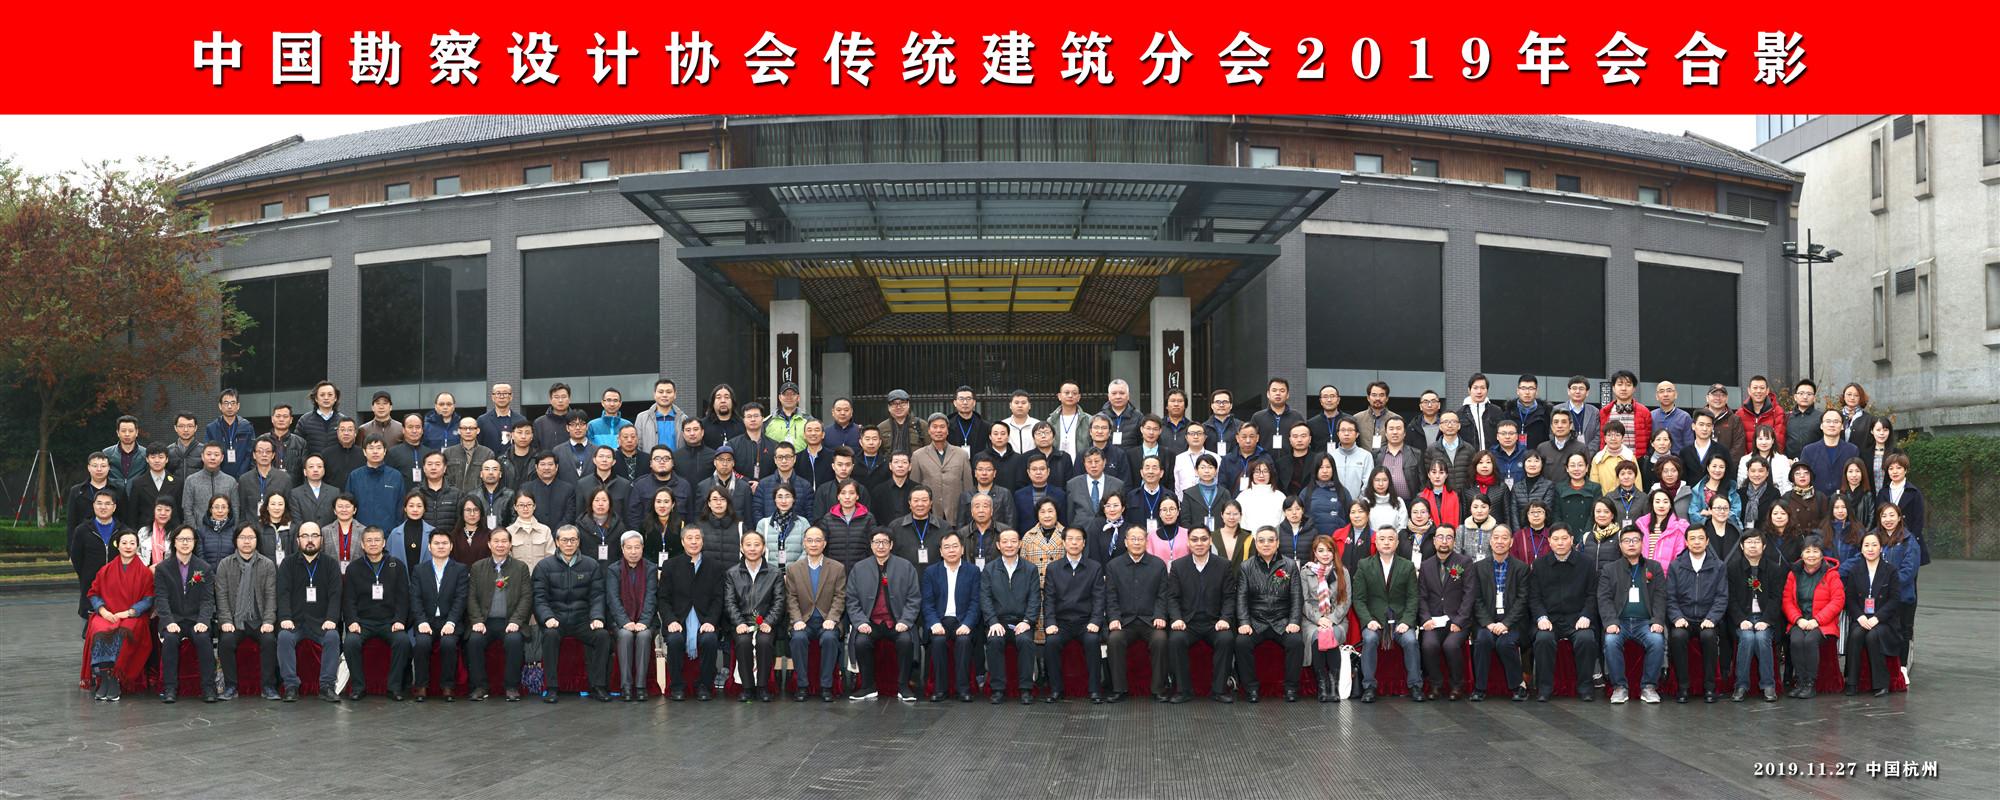 行業盛會 | 熱烈祝賀中設協傳統建筑分會2019年年會順利召開